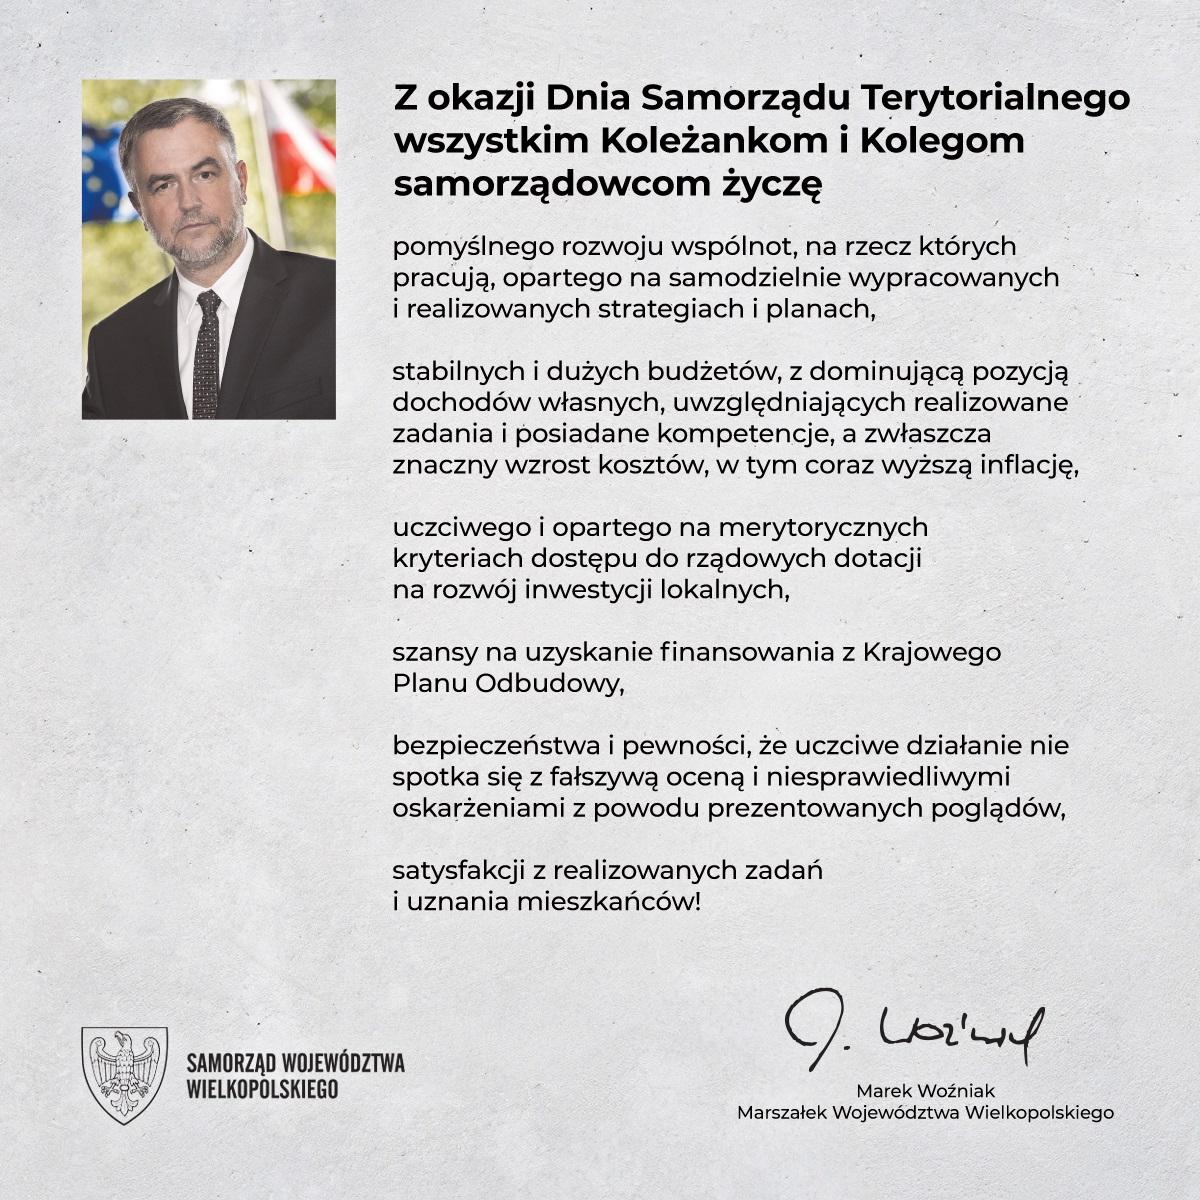 Życzenia Marszałka z okazji Dnia Samorządu Terytorialnego